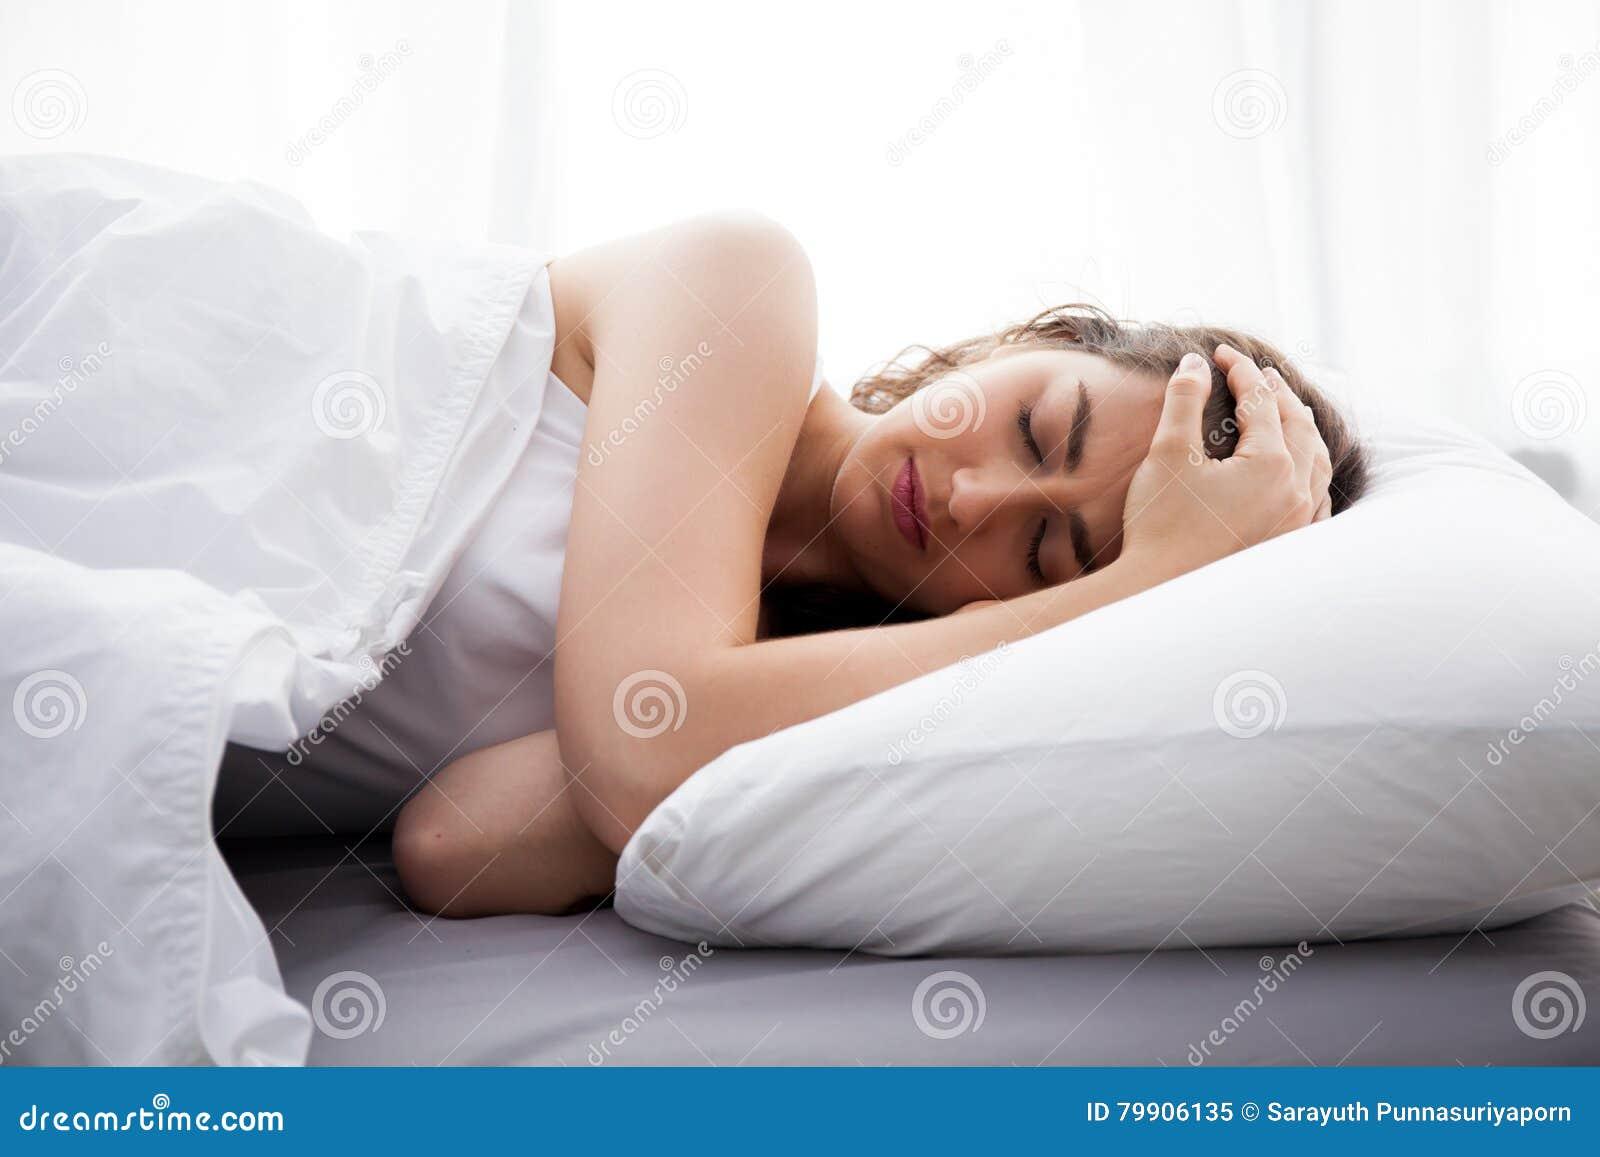 Junge schöne kaukasische Frau auf dem Bett, das Kopfschmerzen/Schlaflosigkeit/Migräne/Druck hat